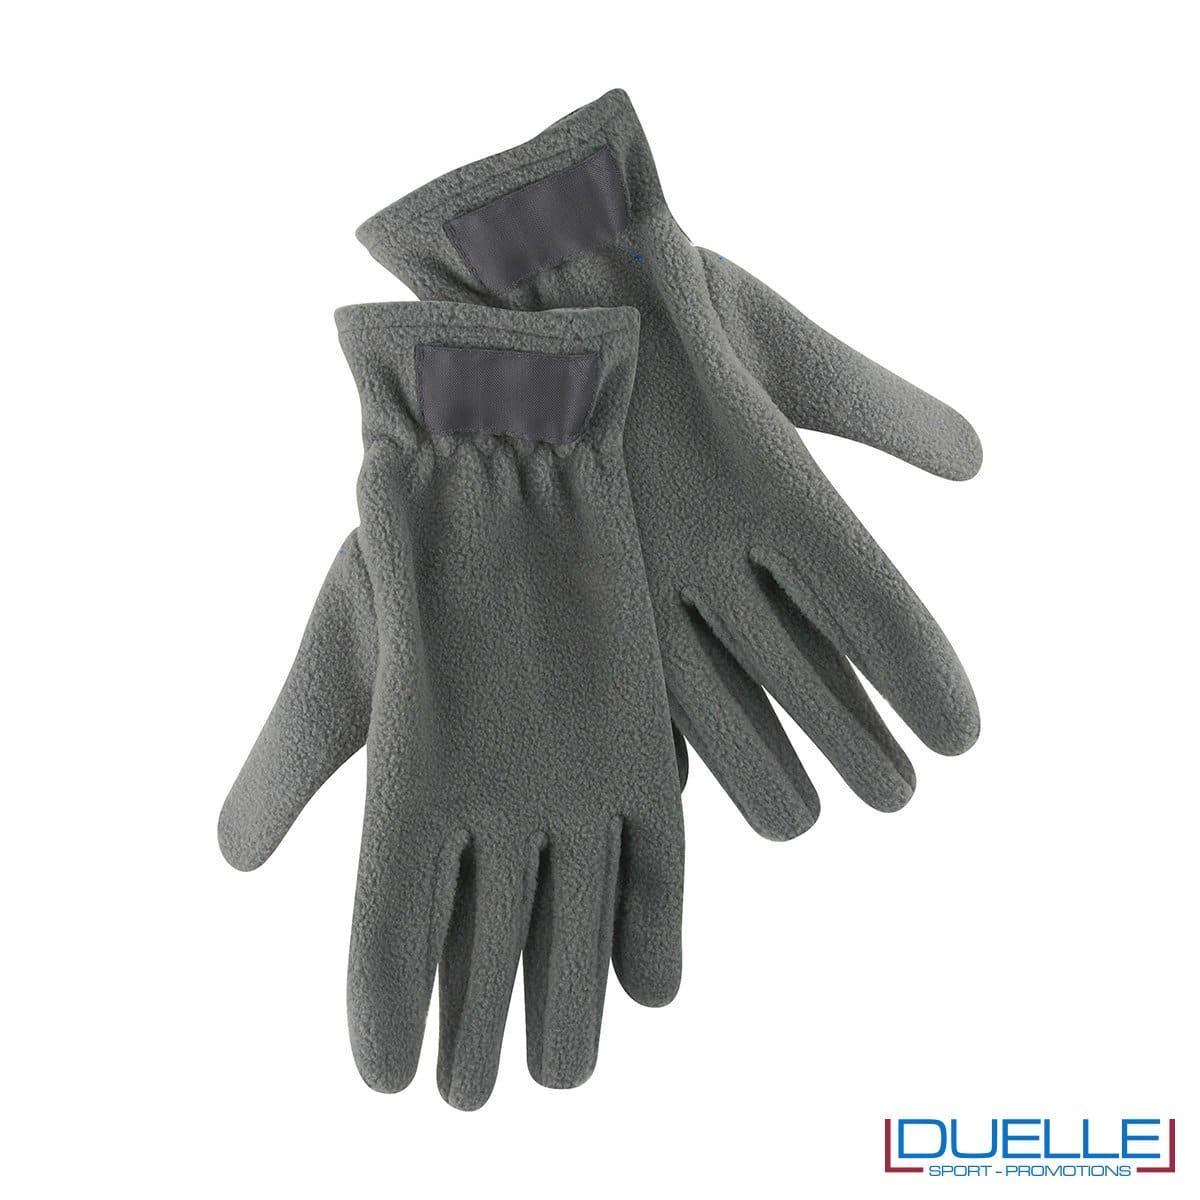 guanti in pile personalizzati in colore grigio, guanti invernali personalizzati